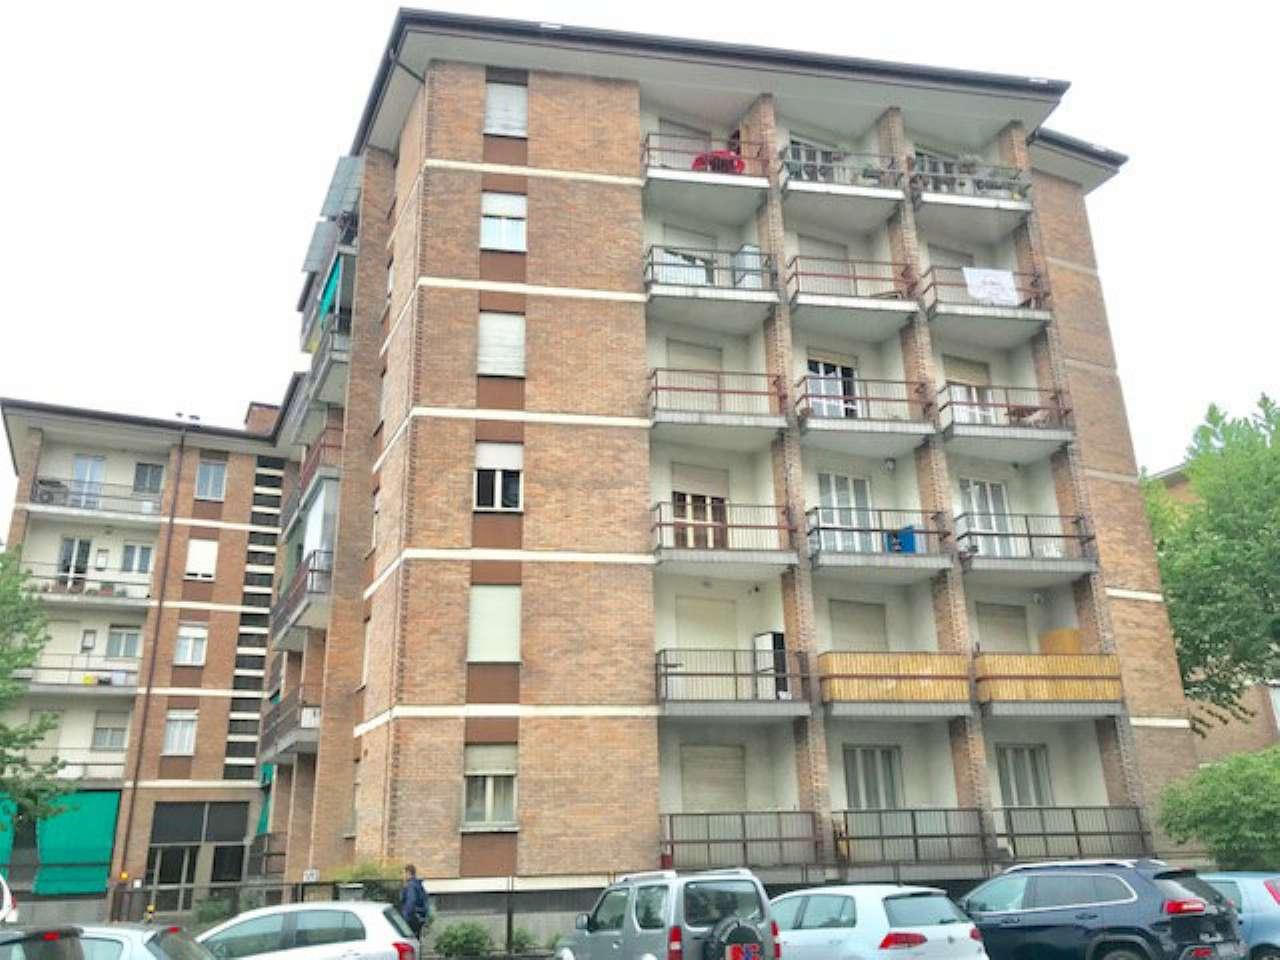 Foto 21 di Trilocale via Filadelfia, Torino (zona Santa Rita)